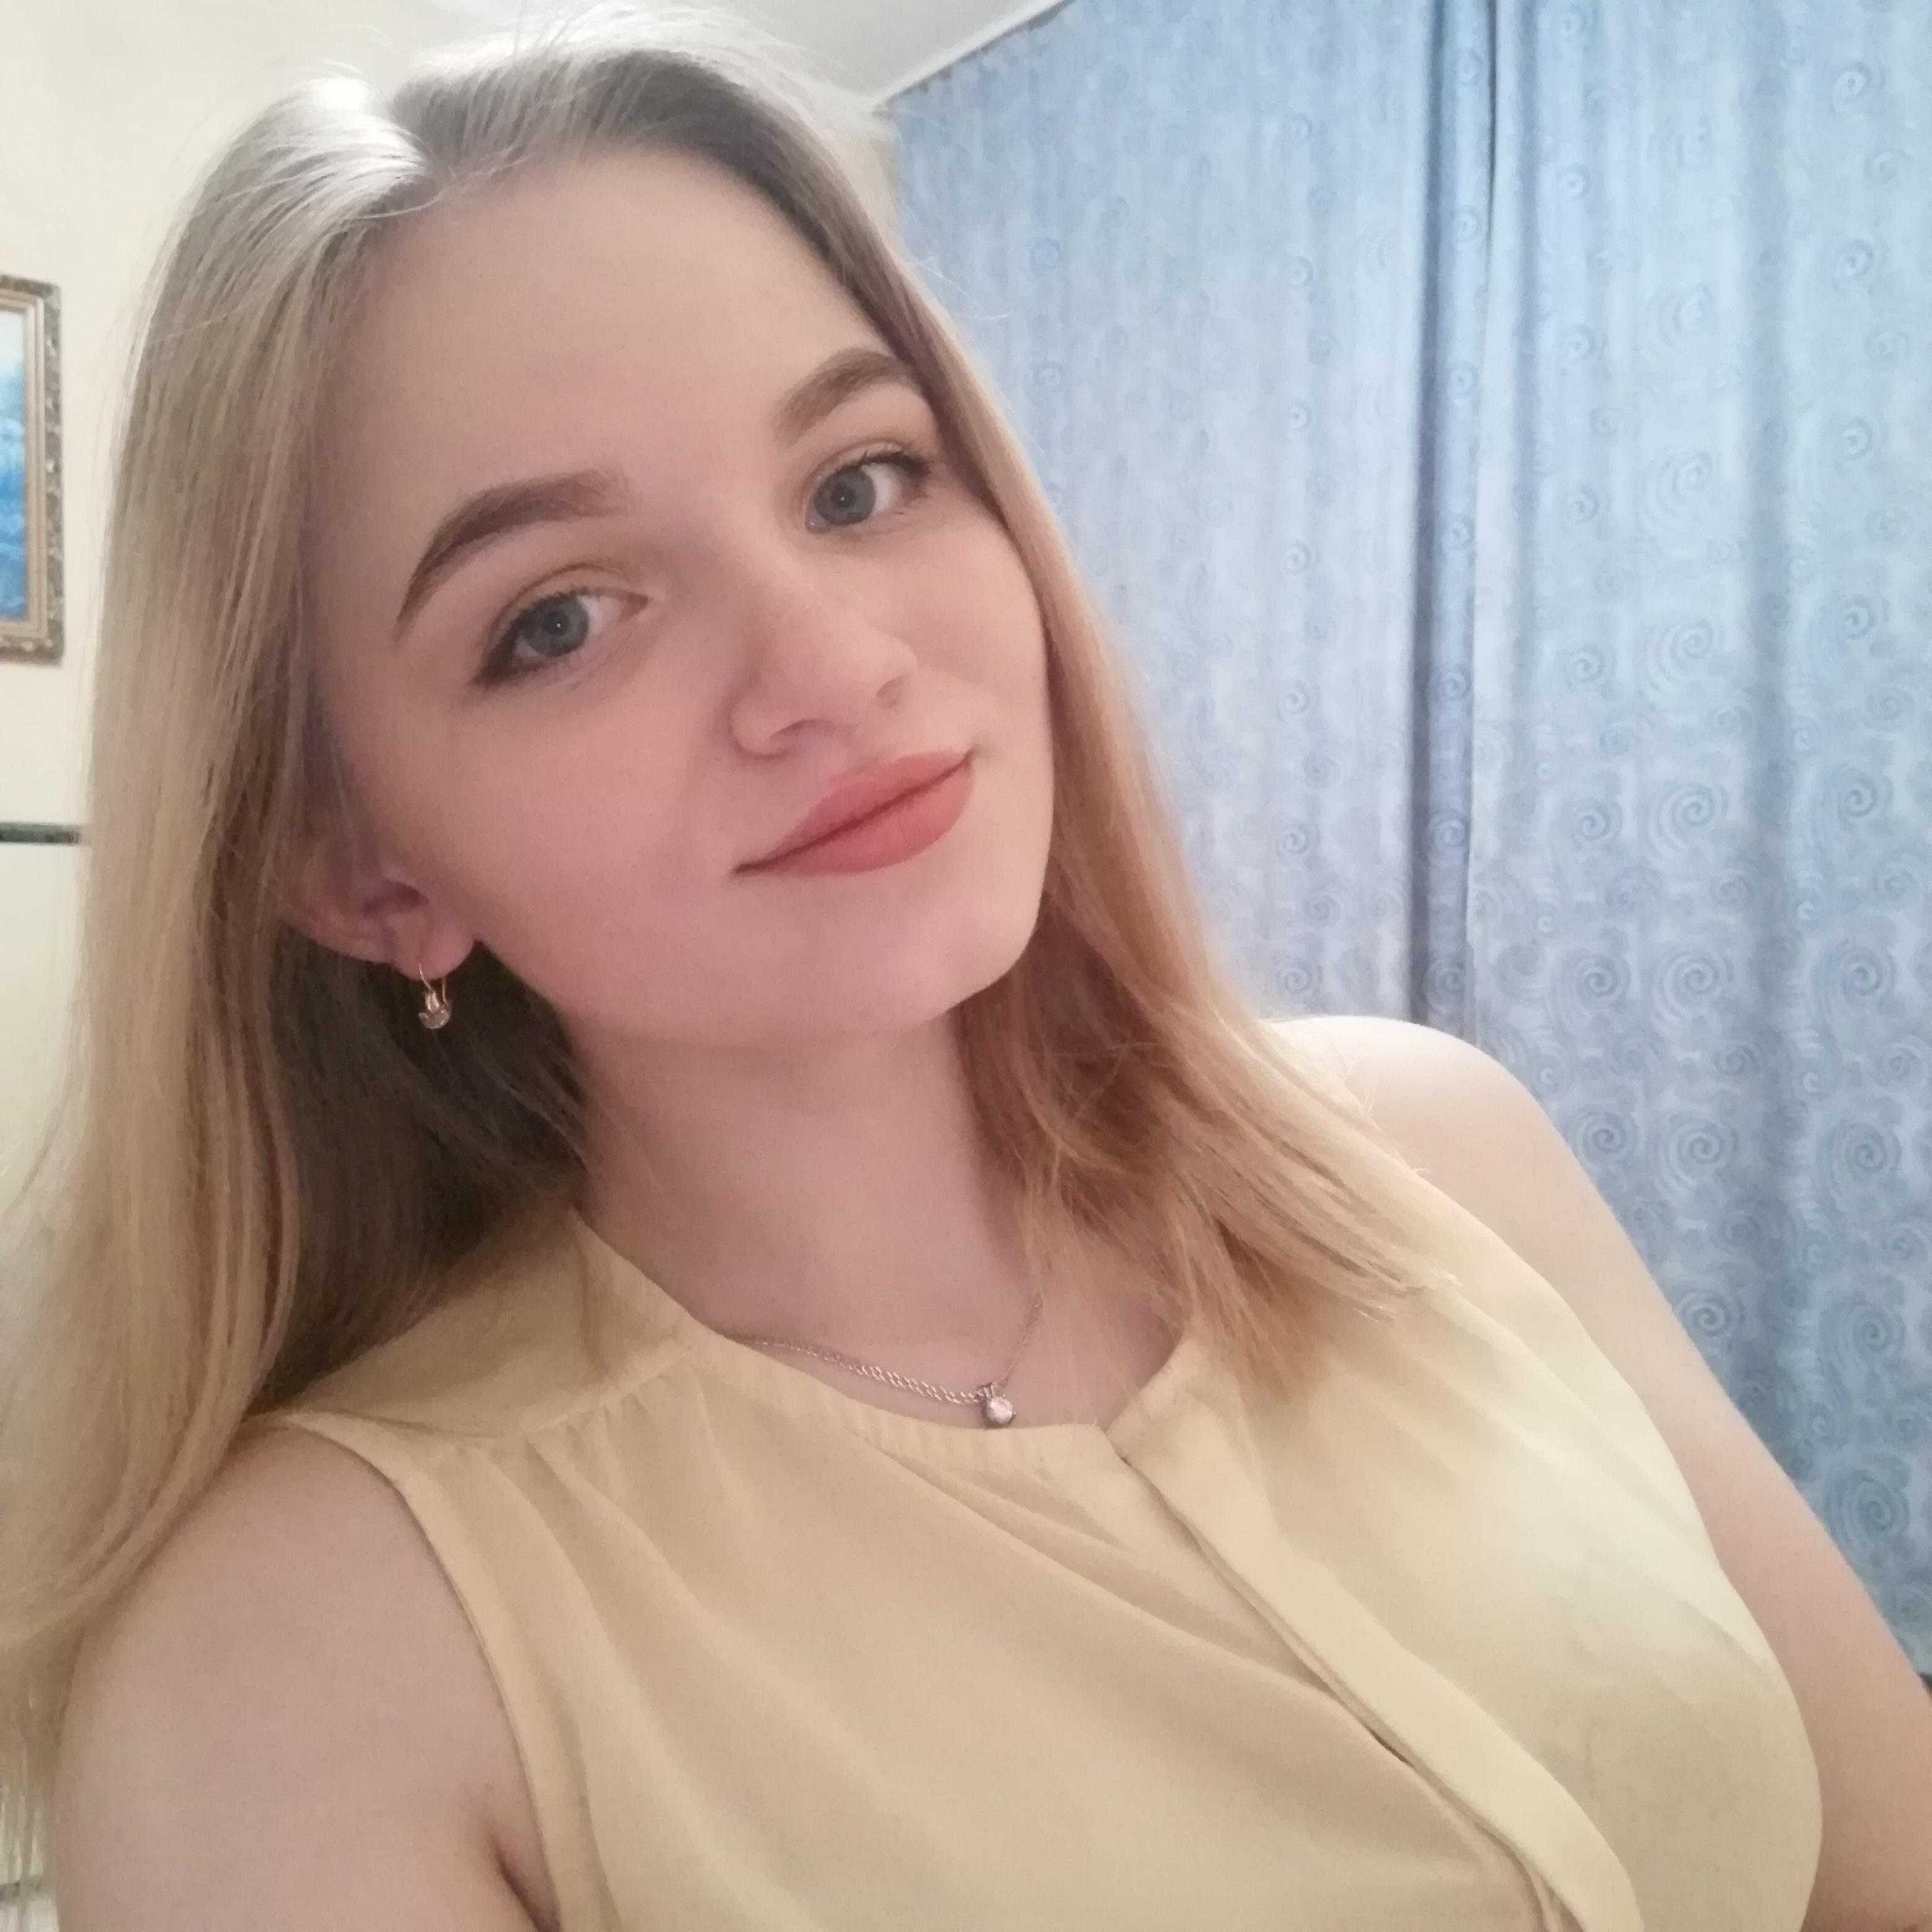 Фото Репетитора: Дарья, 18 лет